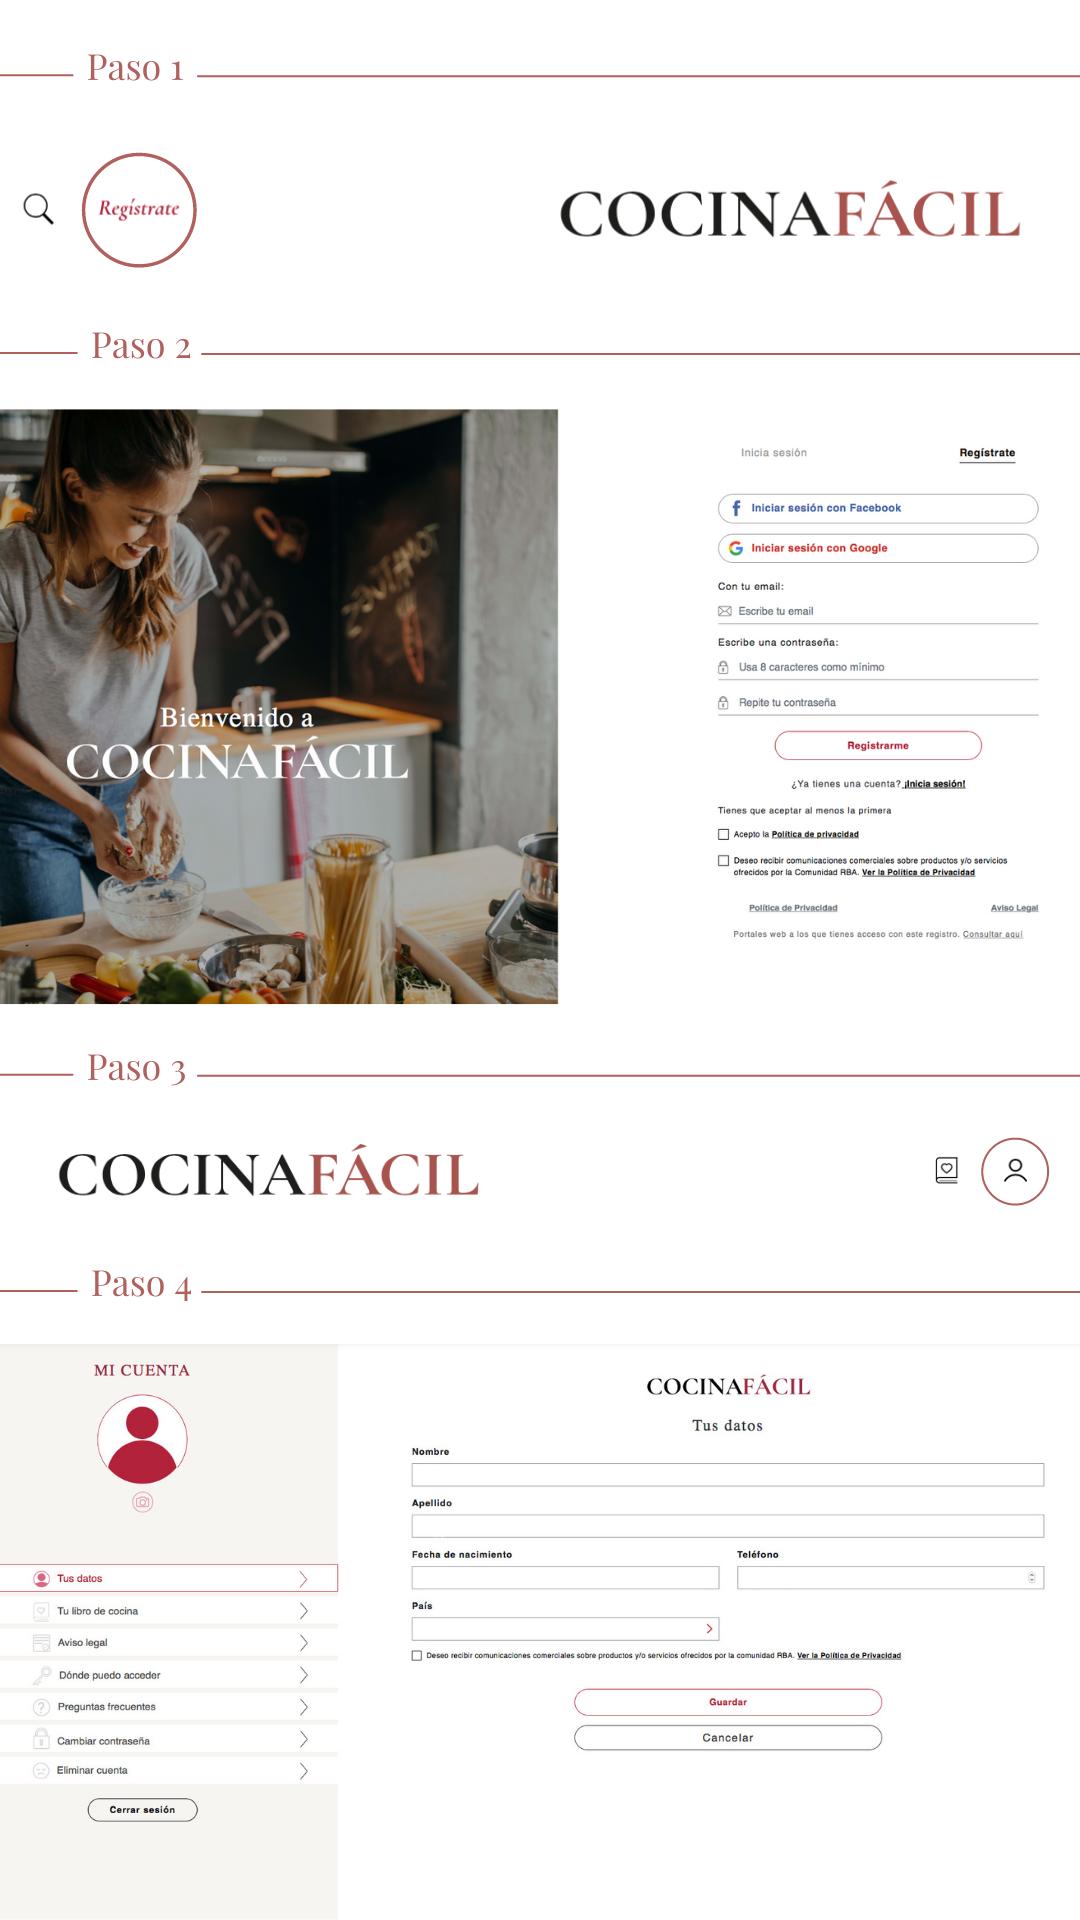 Cómo registrarte Cocina Fácil